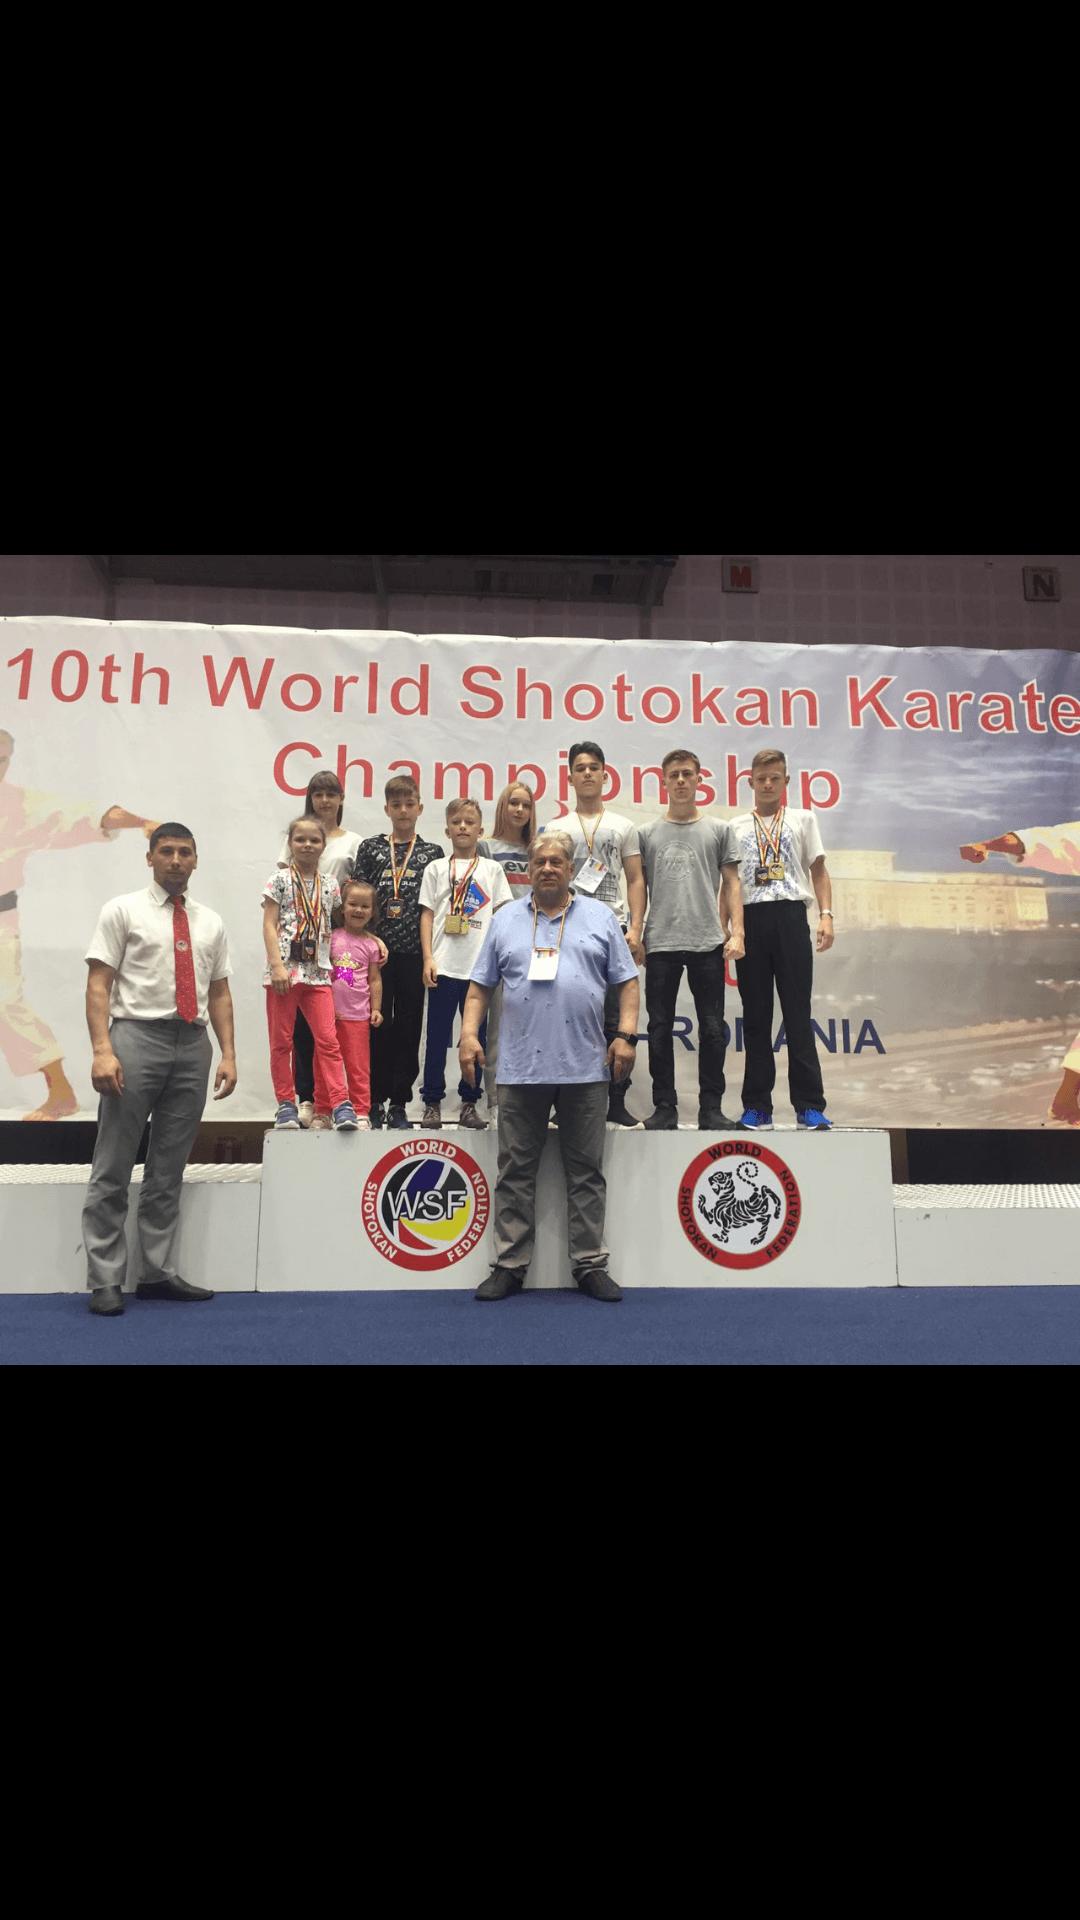 Наши на Чемпионате Мира по Шотокан Каратэ.